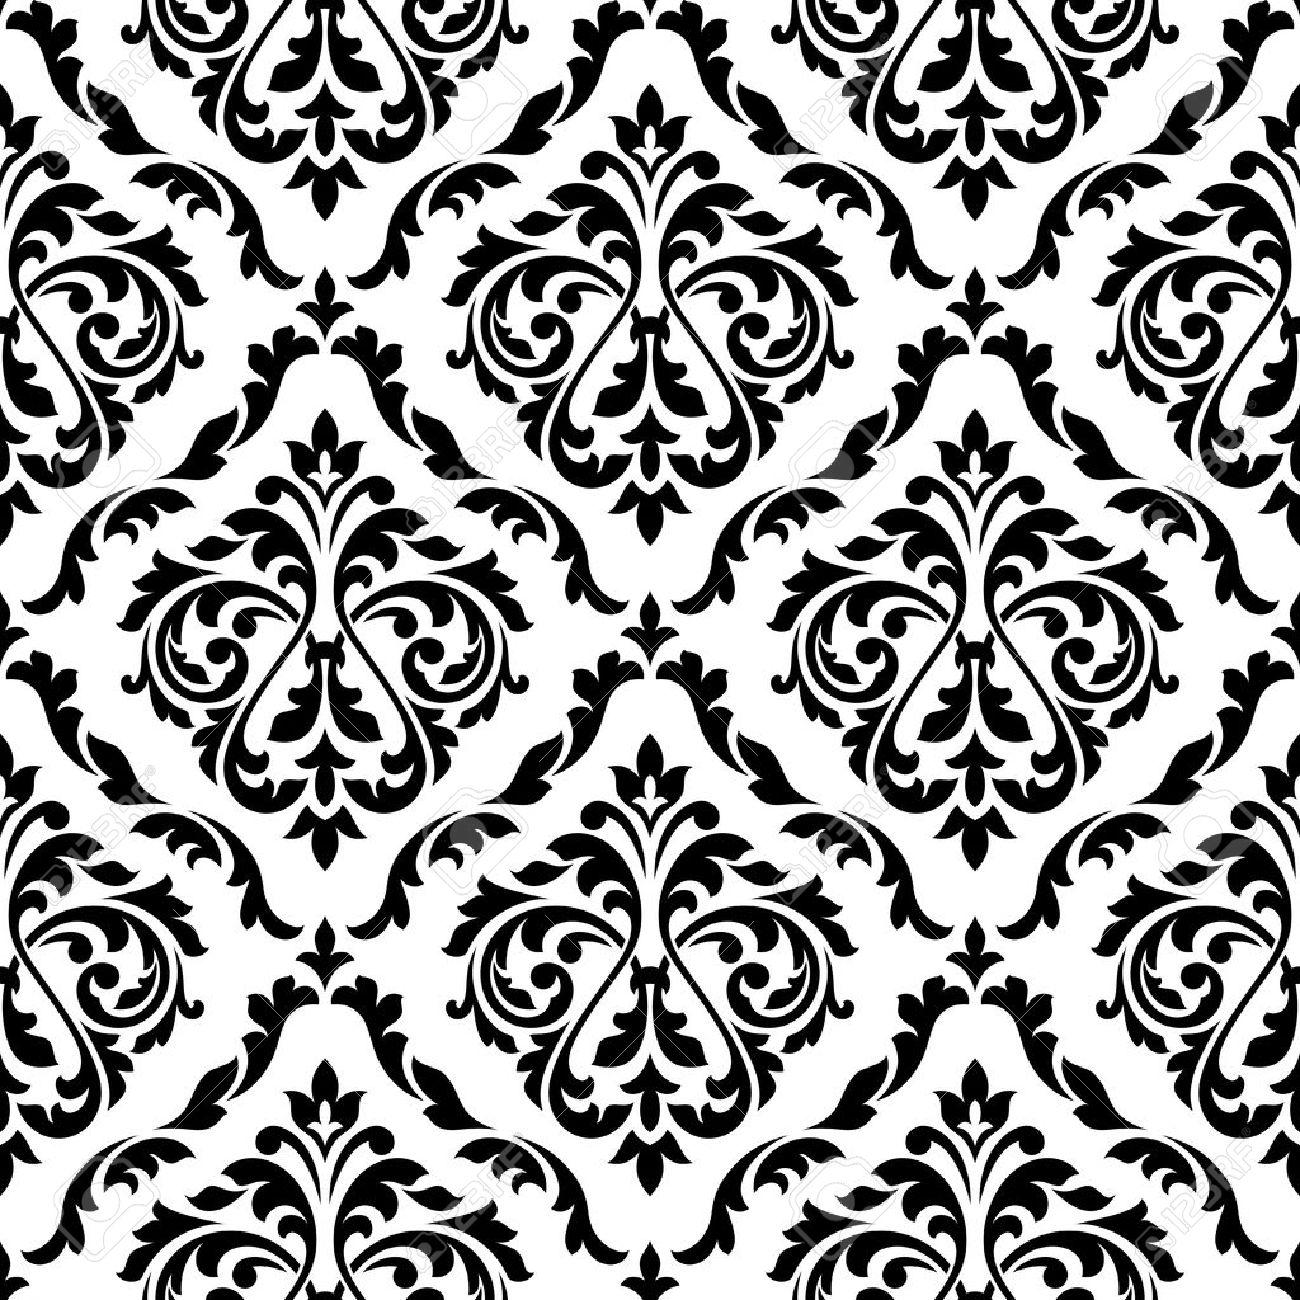 Damasse Florale Seamless Noir Et Blanc Avec Boutons De Fleurs